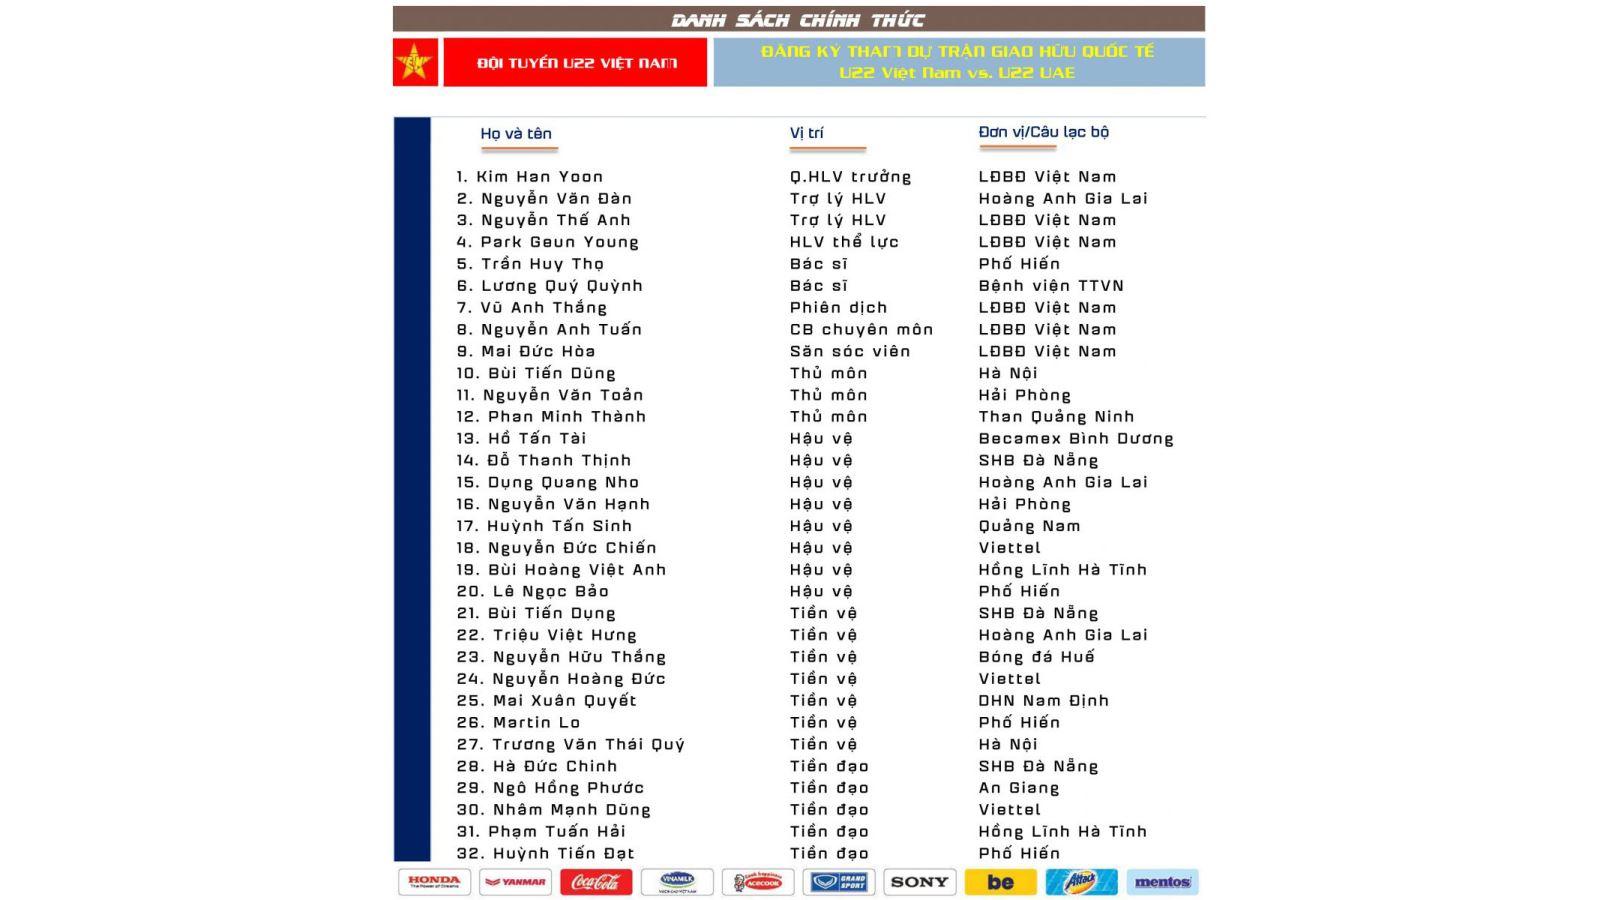 Lịch thi đấu U22 Việt Nam, truc tiep bong da, U22 Việt Nam đấu với U22 UAE, lịch thi đấu U22 Việt Nam vs U22 UAE, bóng đá trực tuyến, U22 VN vs U22 UAE, VTV6, VTC1, VTC3